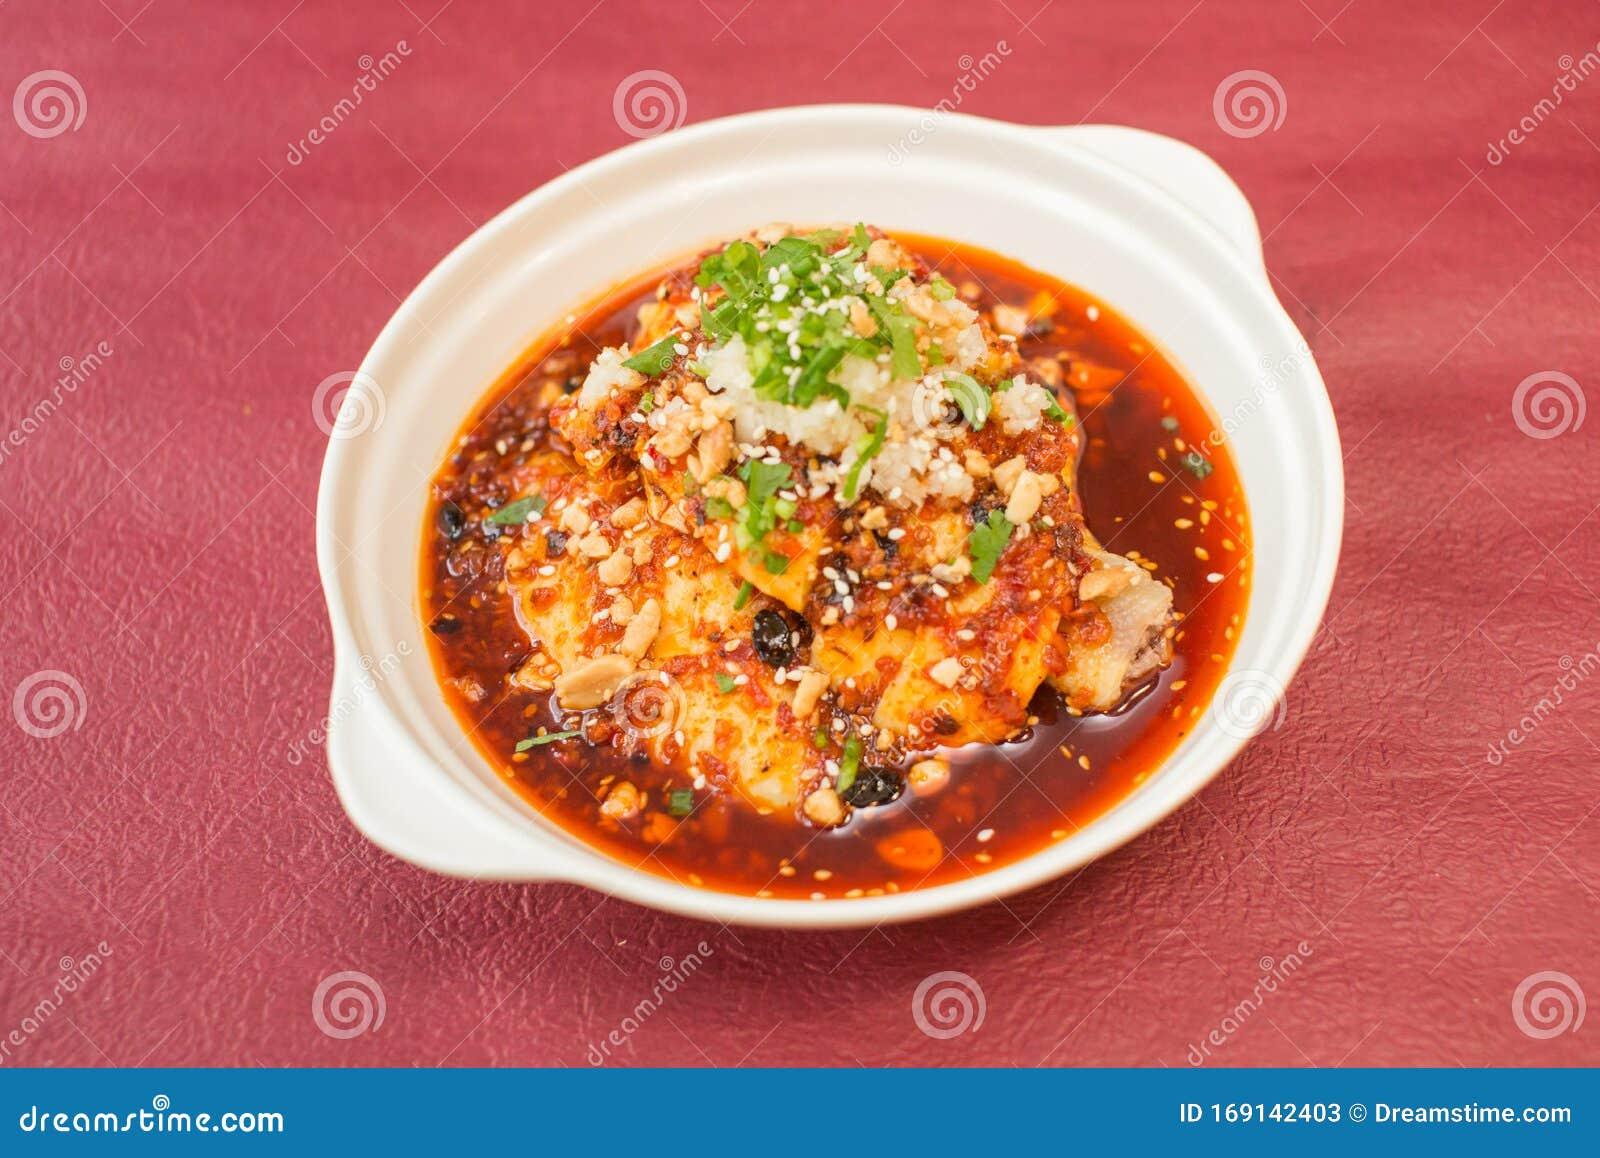 Pollo Al Vapor Con Salsa De Chile Marisco Japones Imagen De Archivo Imagen De Salsa Pollo 169142403